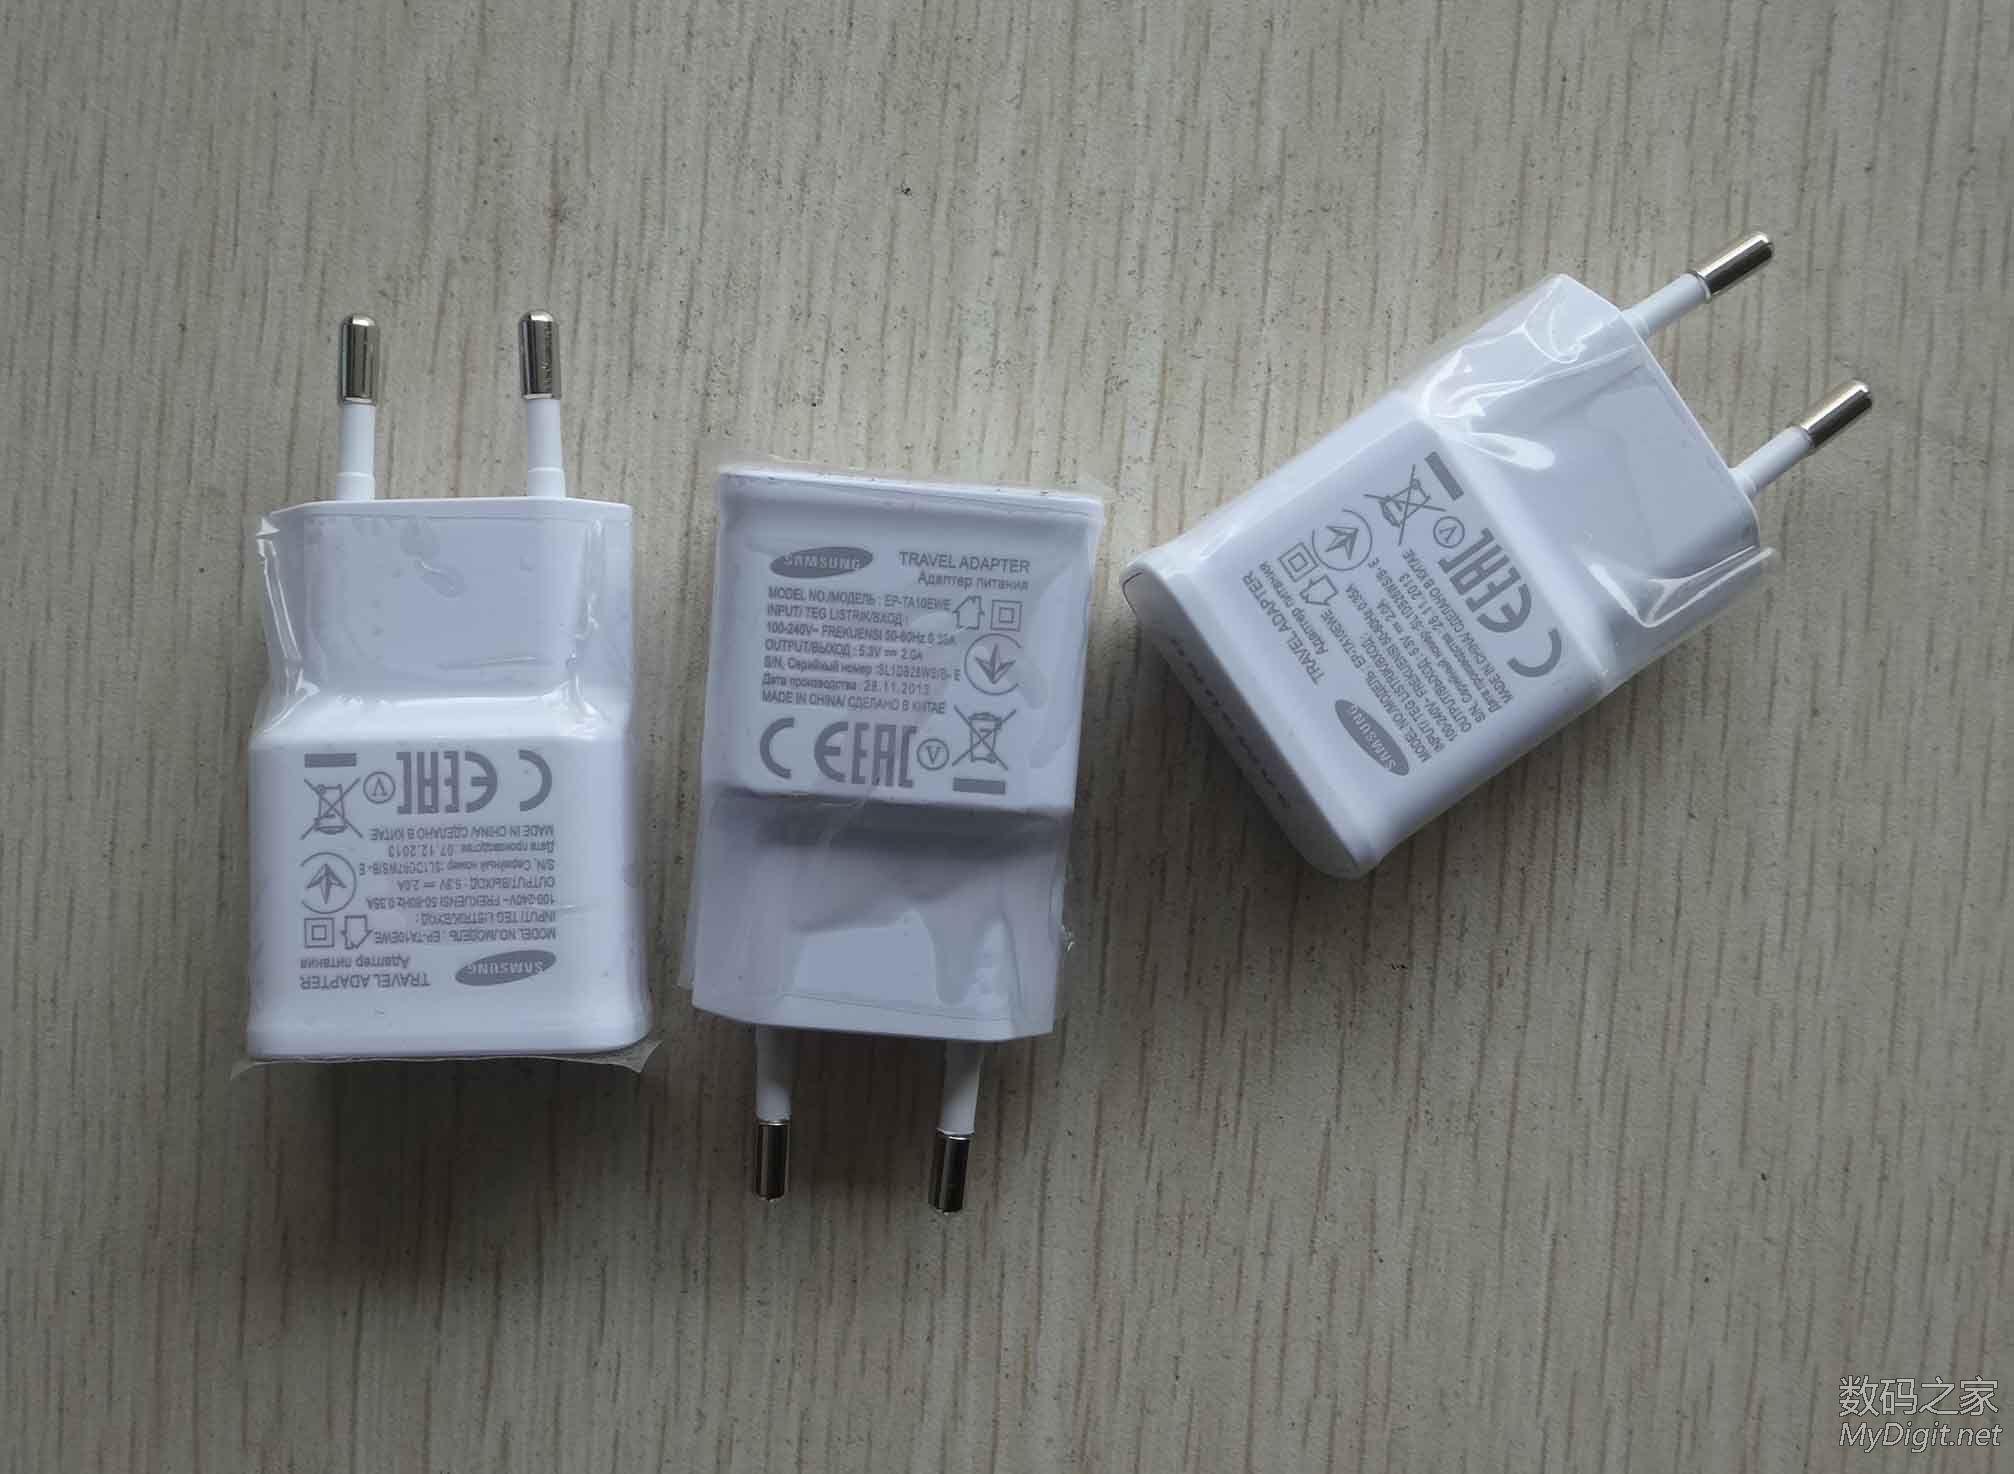 三星note3原装充电器5.3v 2a,现在35元包中通促销中 高清图片